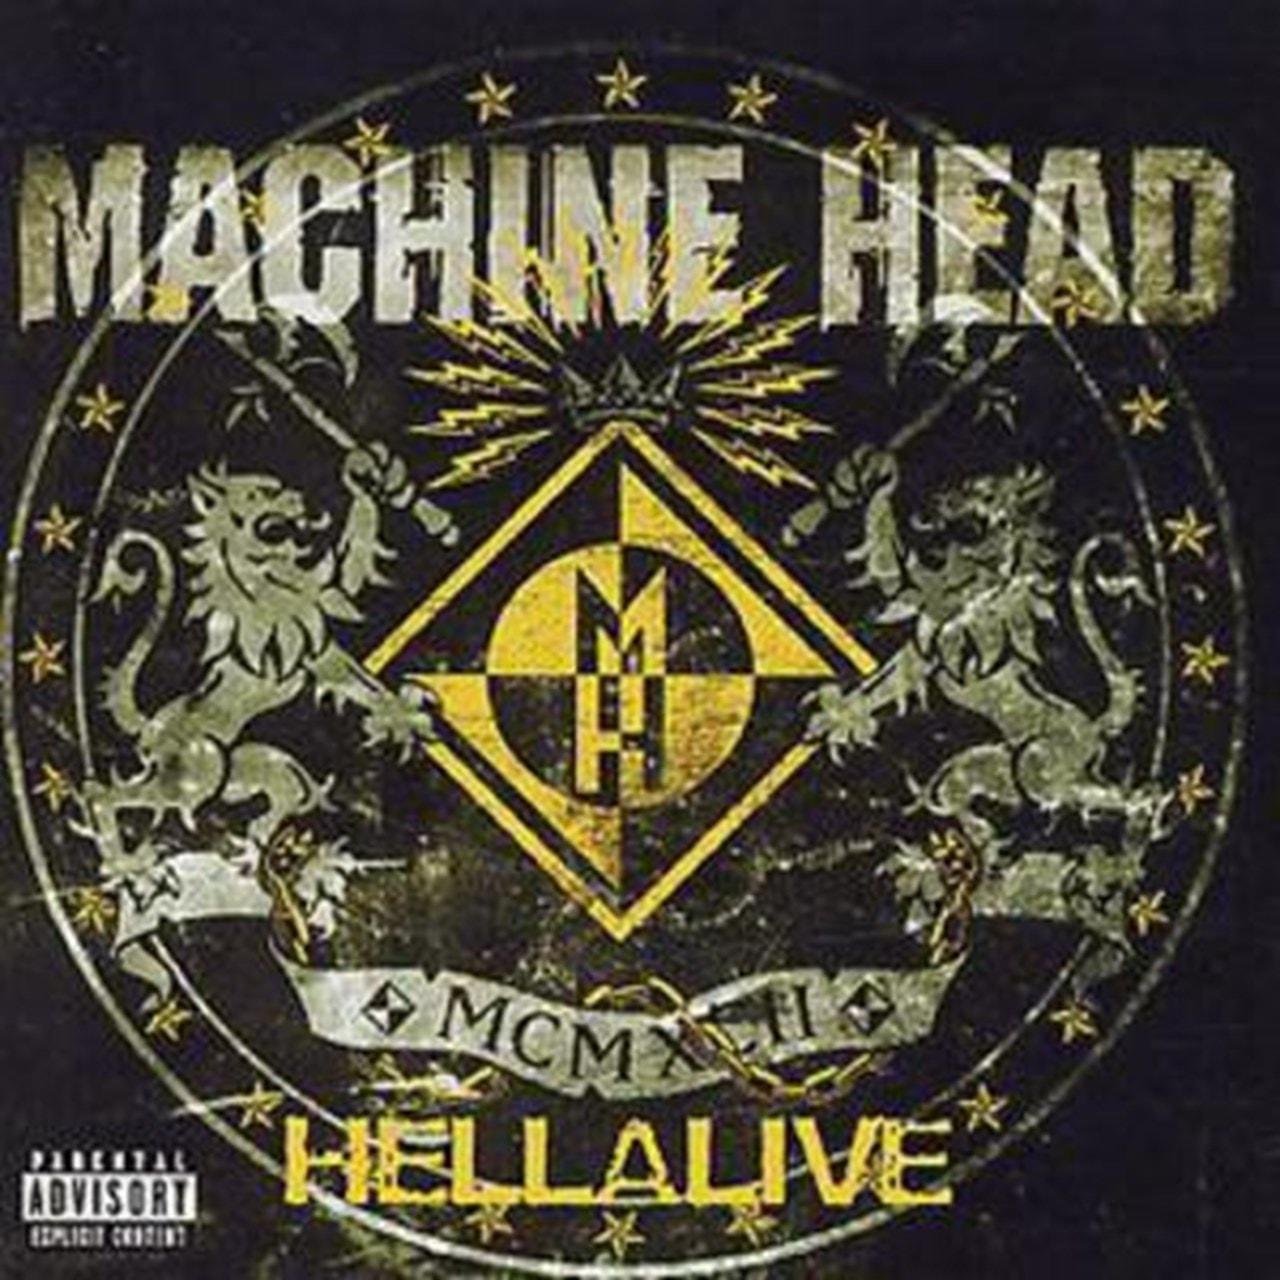 Hellalive - 1